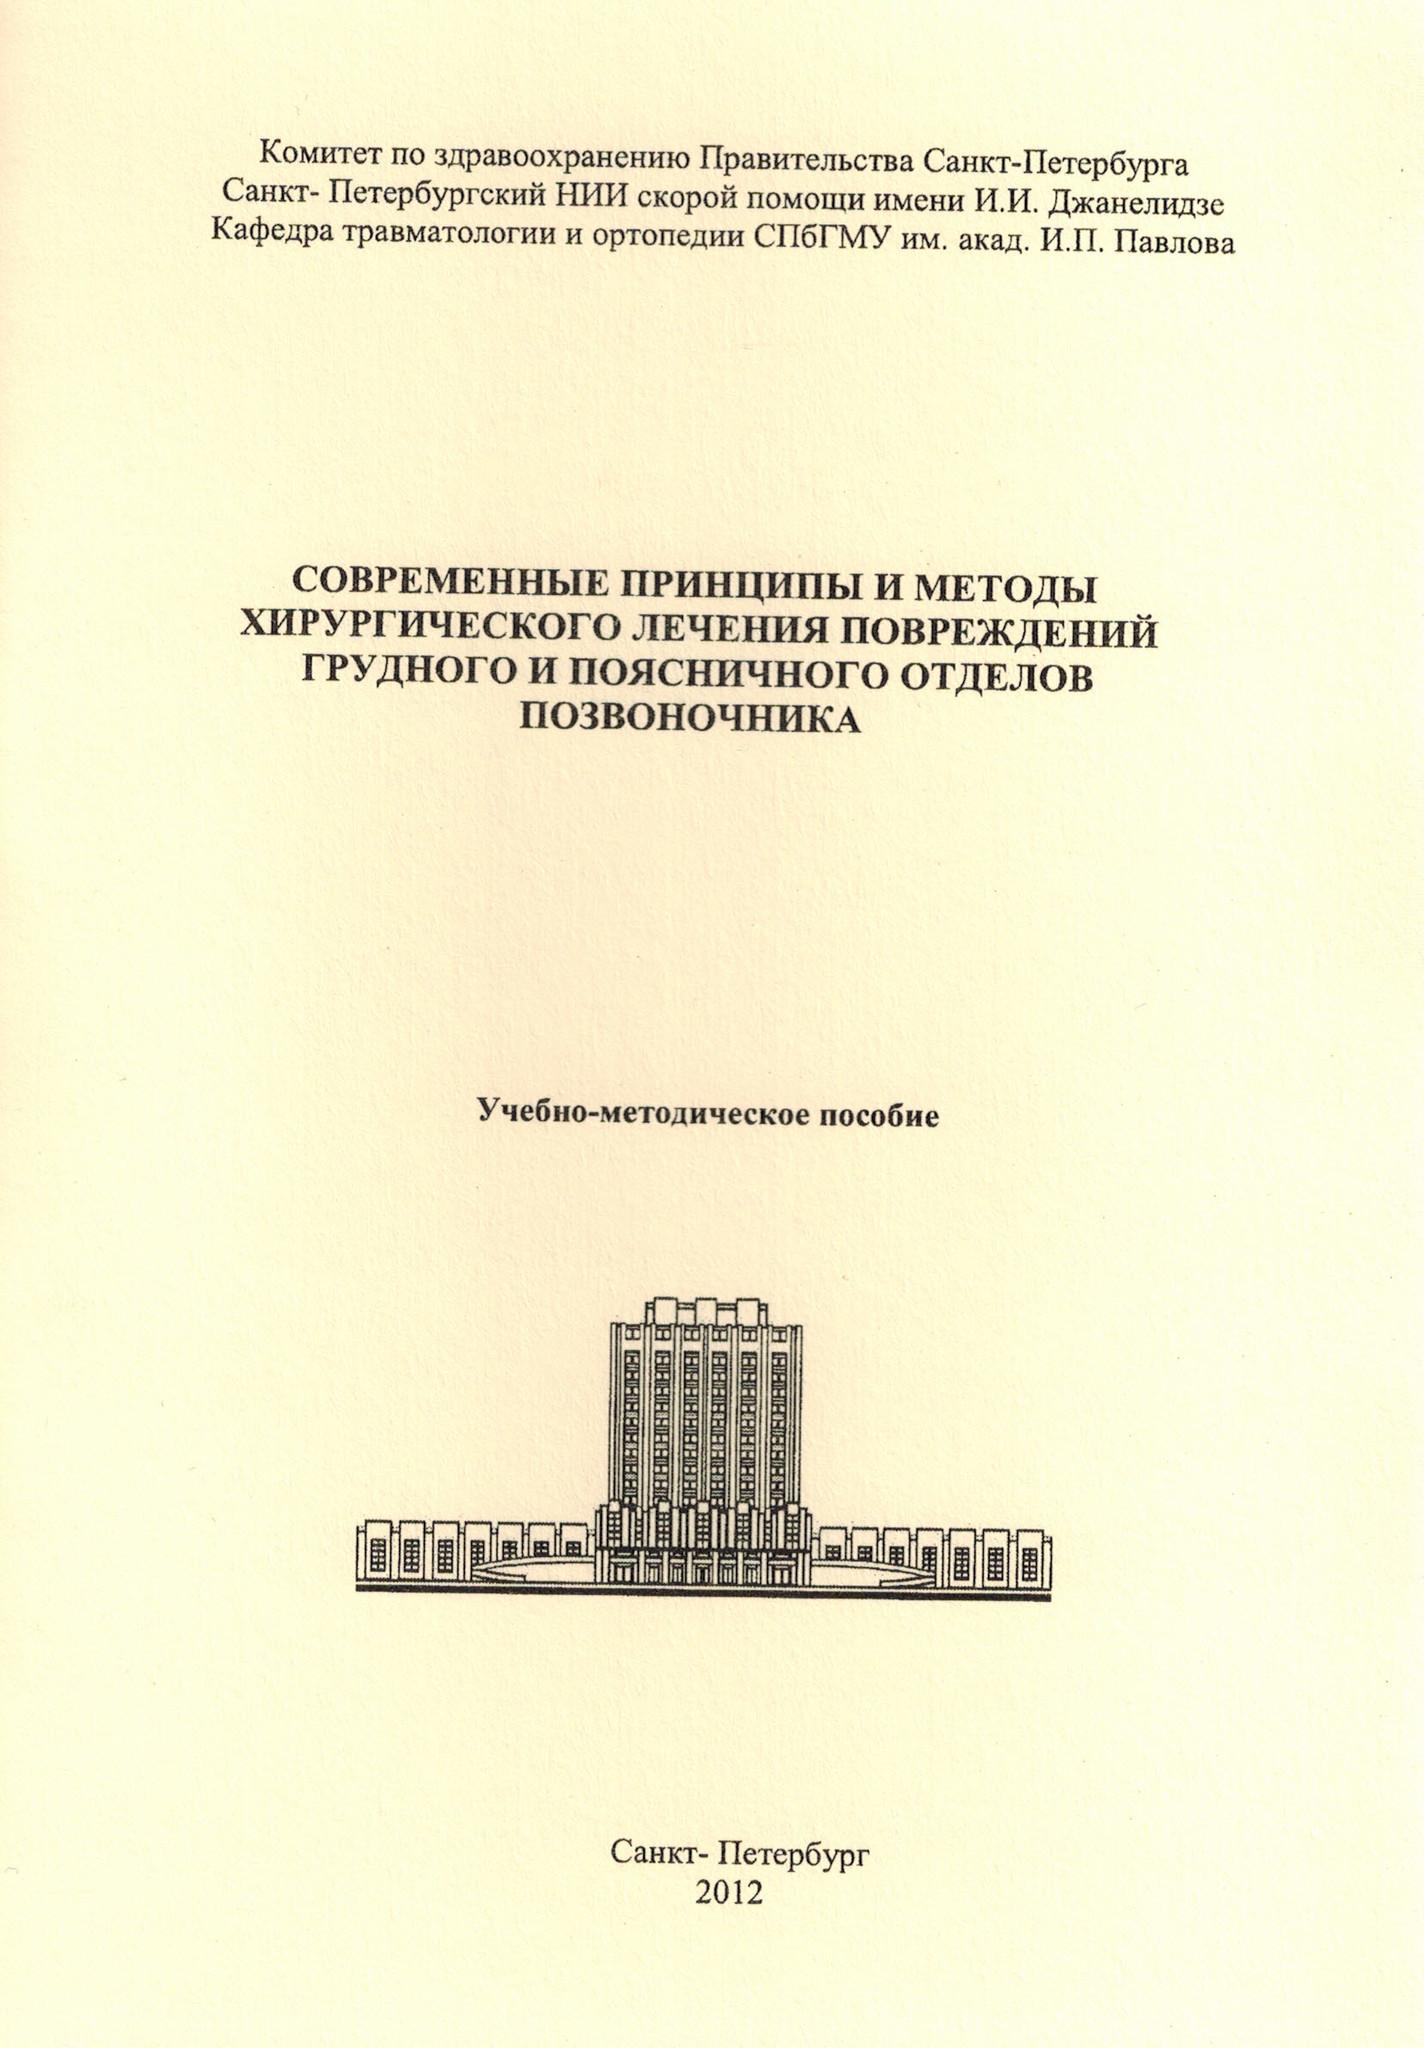 Каталог Современные принципы и методы хирургического лечения повреждений грудного и поясничного отделов позвоночника up3.jpg